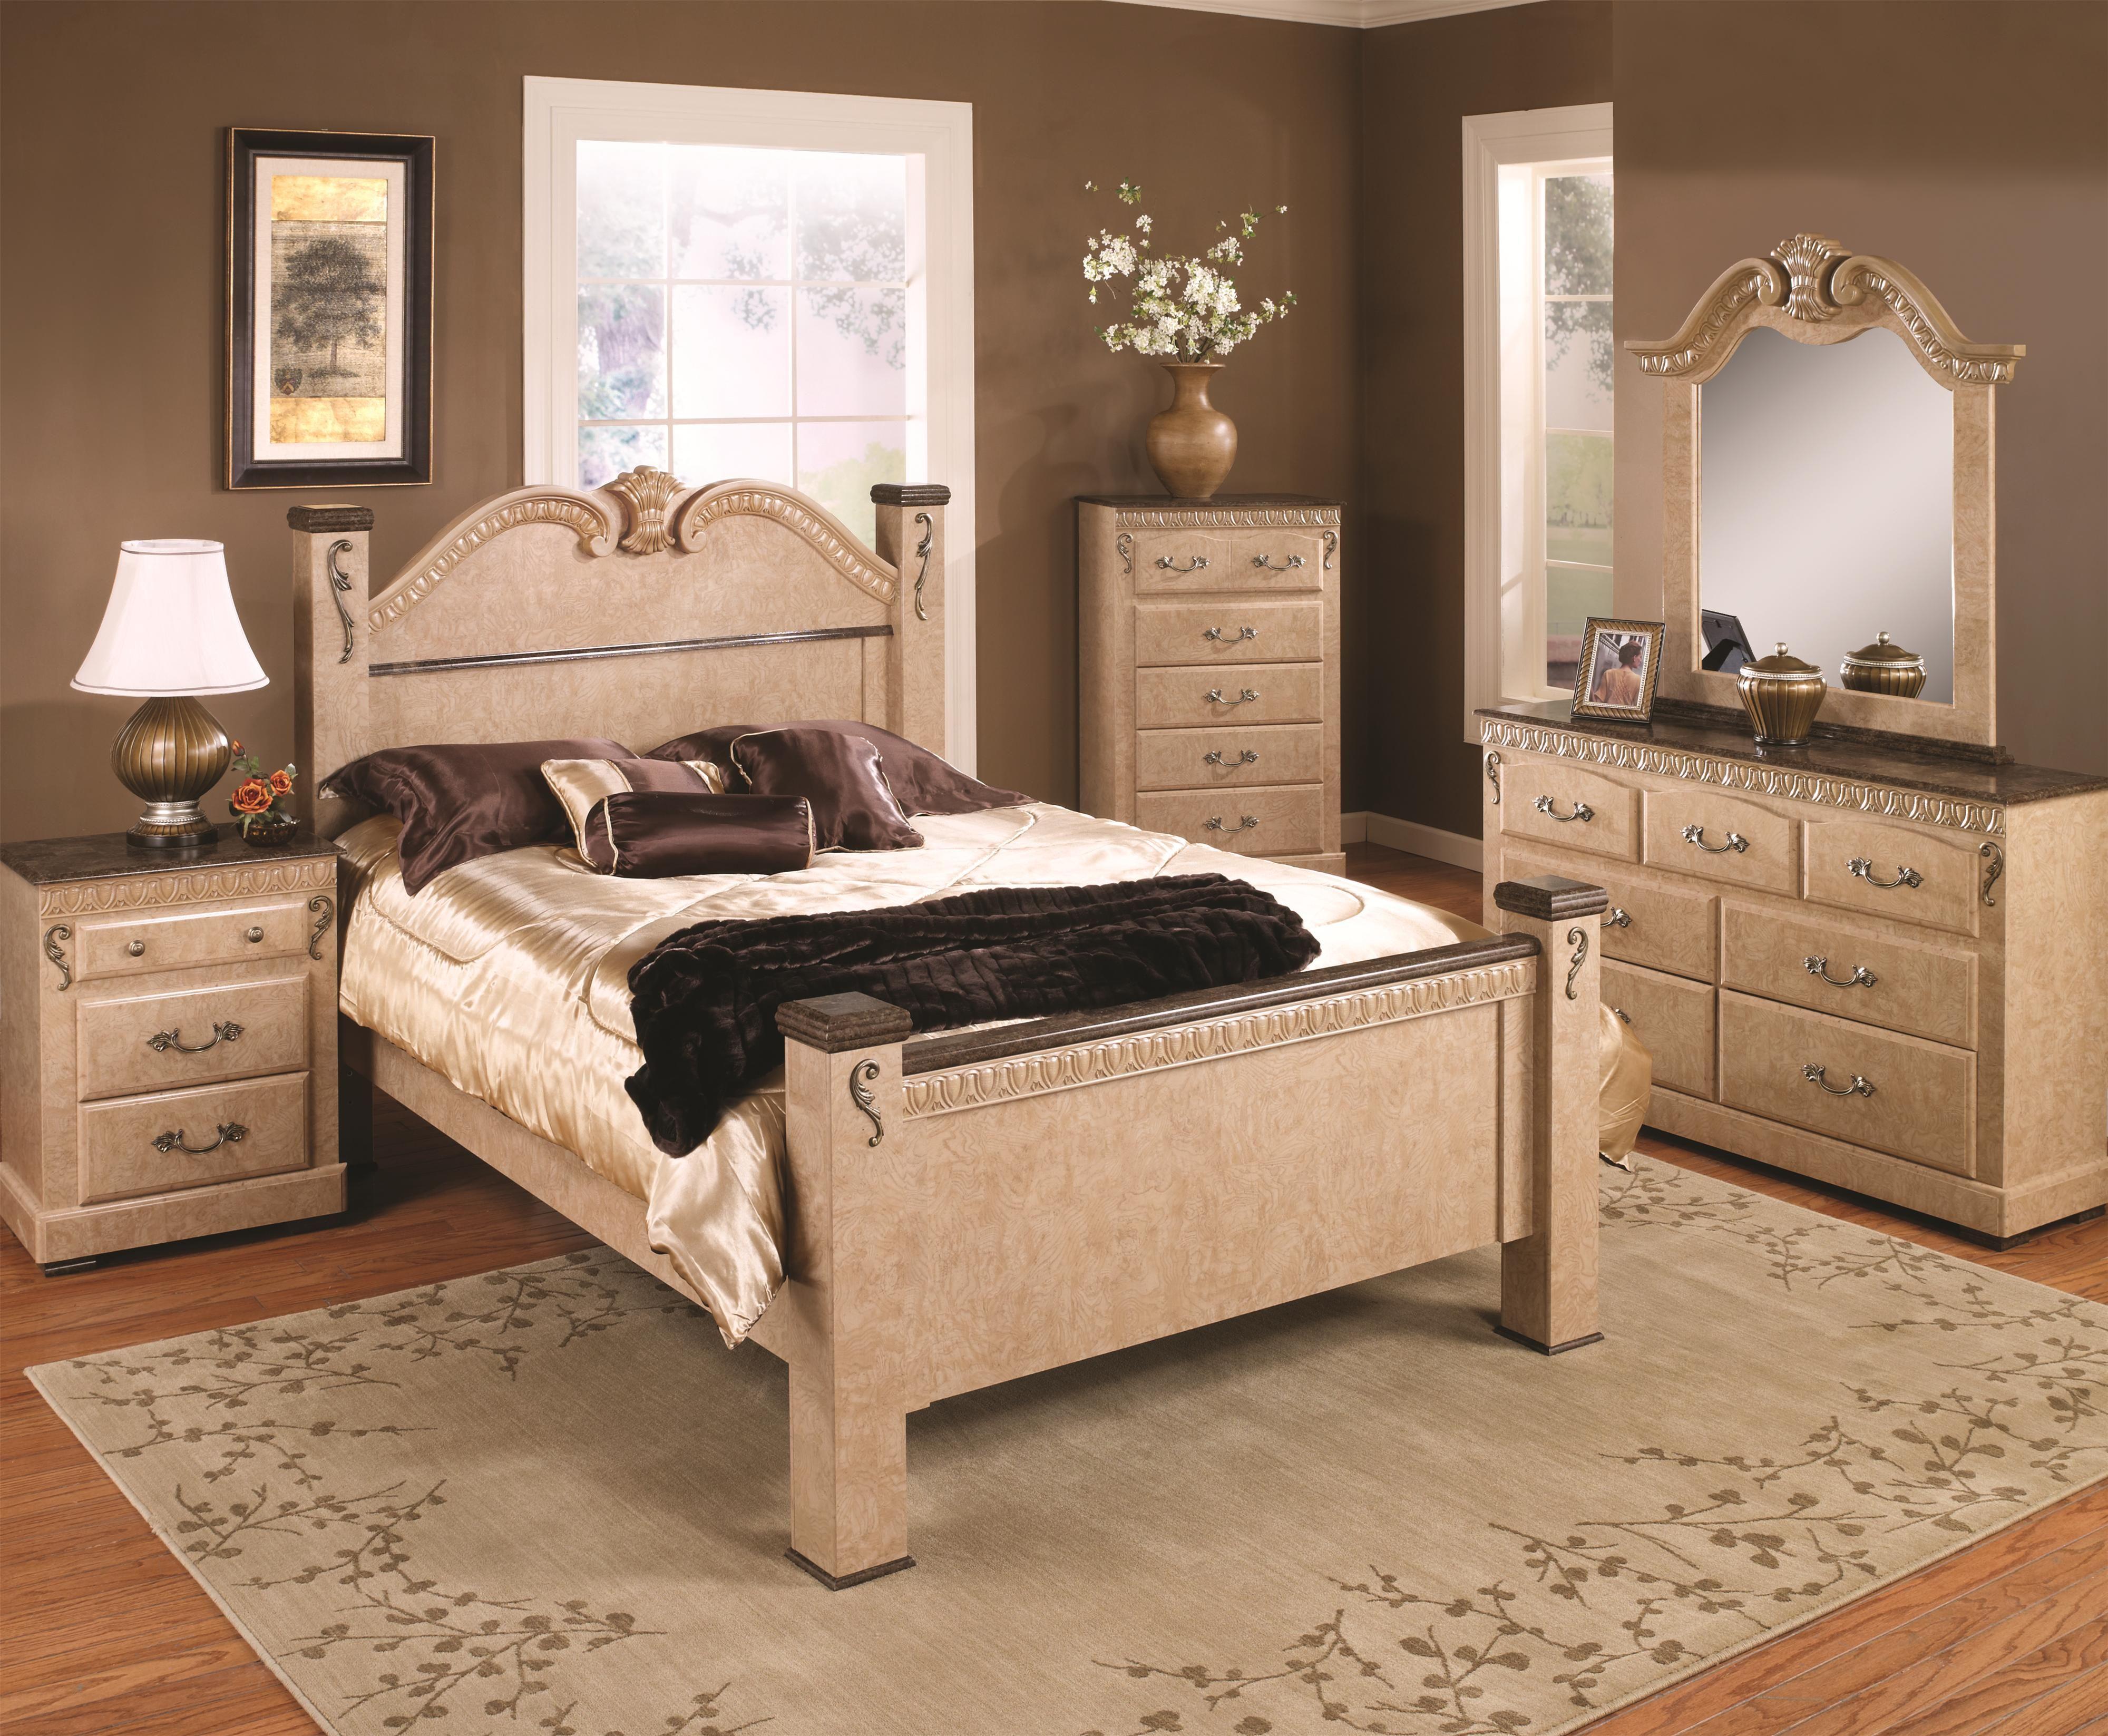 Kenosha Bedroom Setlang Furniture  For Your Home  Pinterest Impressive Aaron Bedroom Set Decorating Inspiration